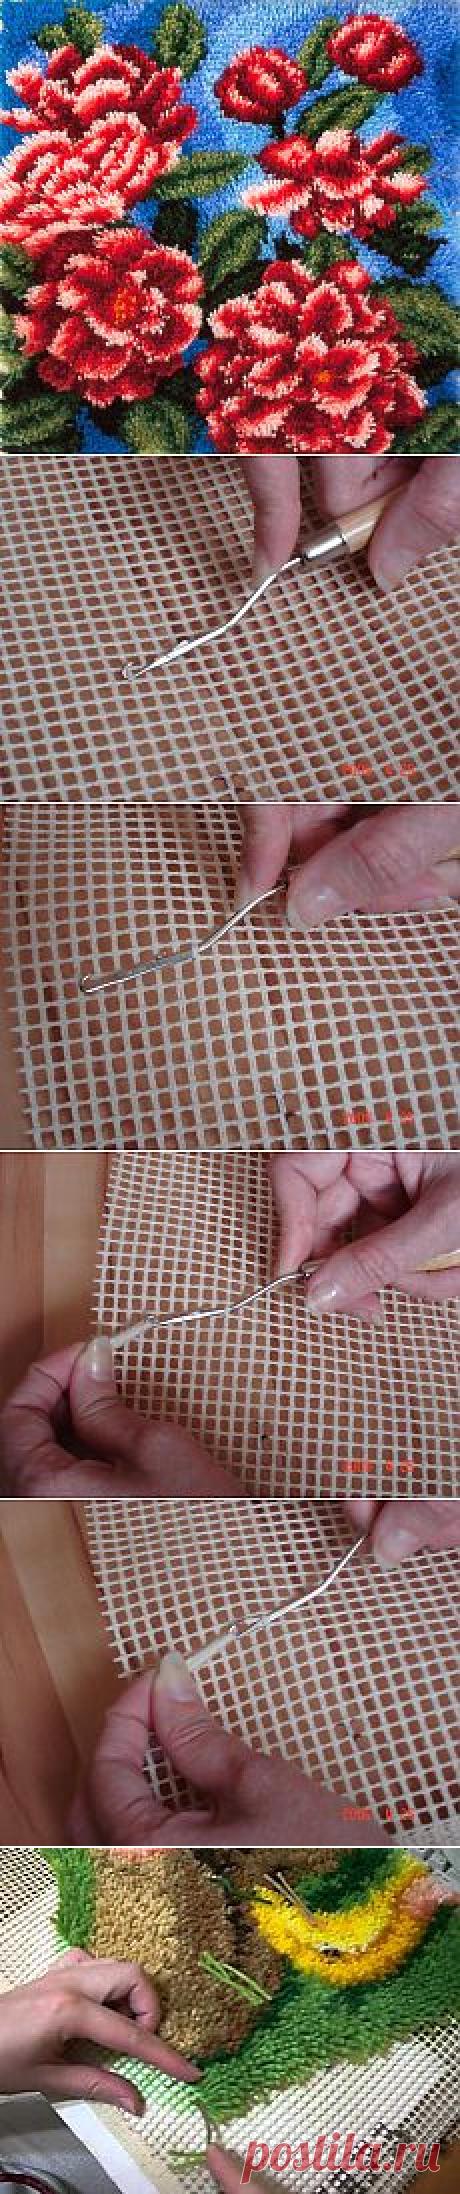 Ковровая техника крючком | Идеи и фотоинструкции бесплатно на Постиле